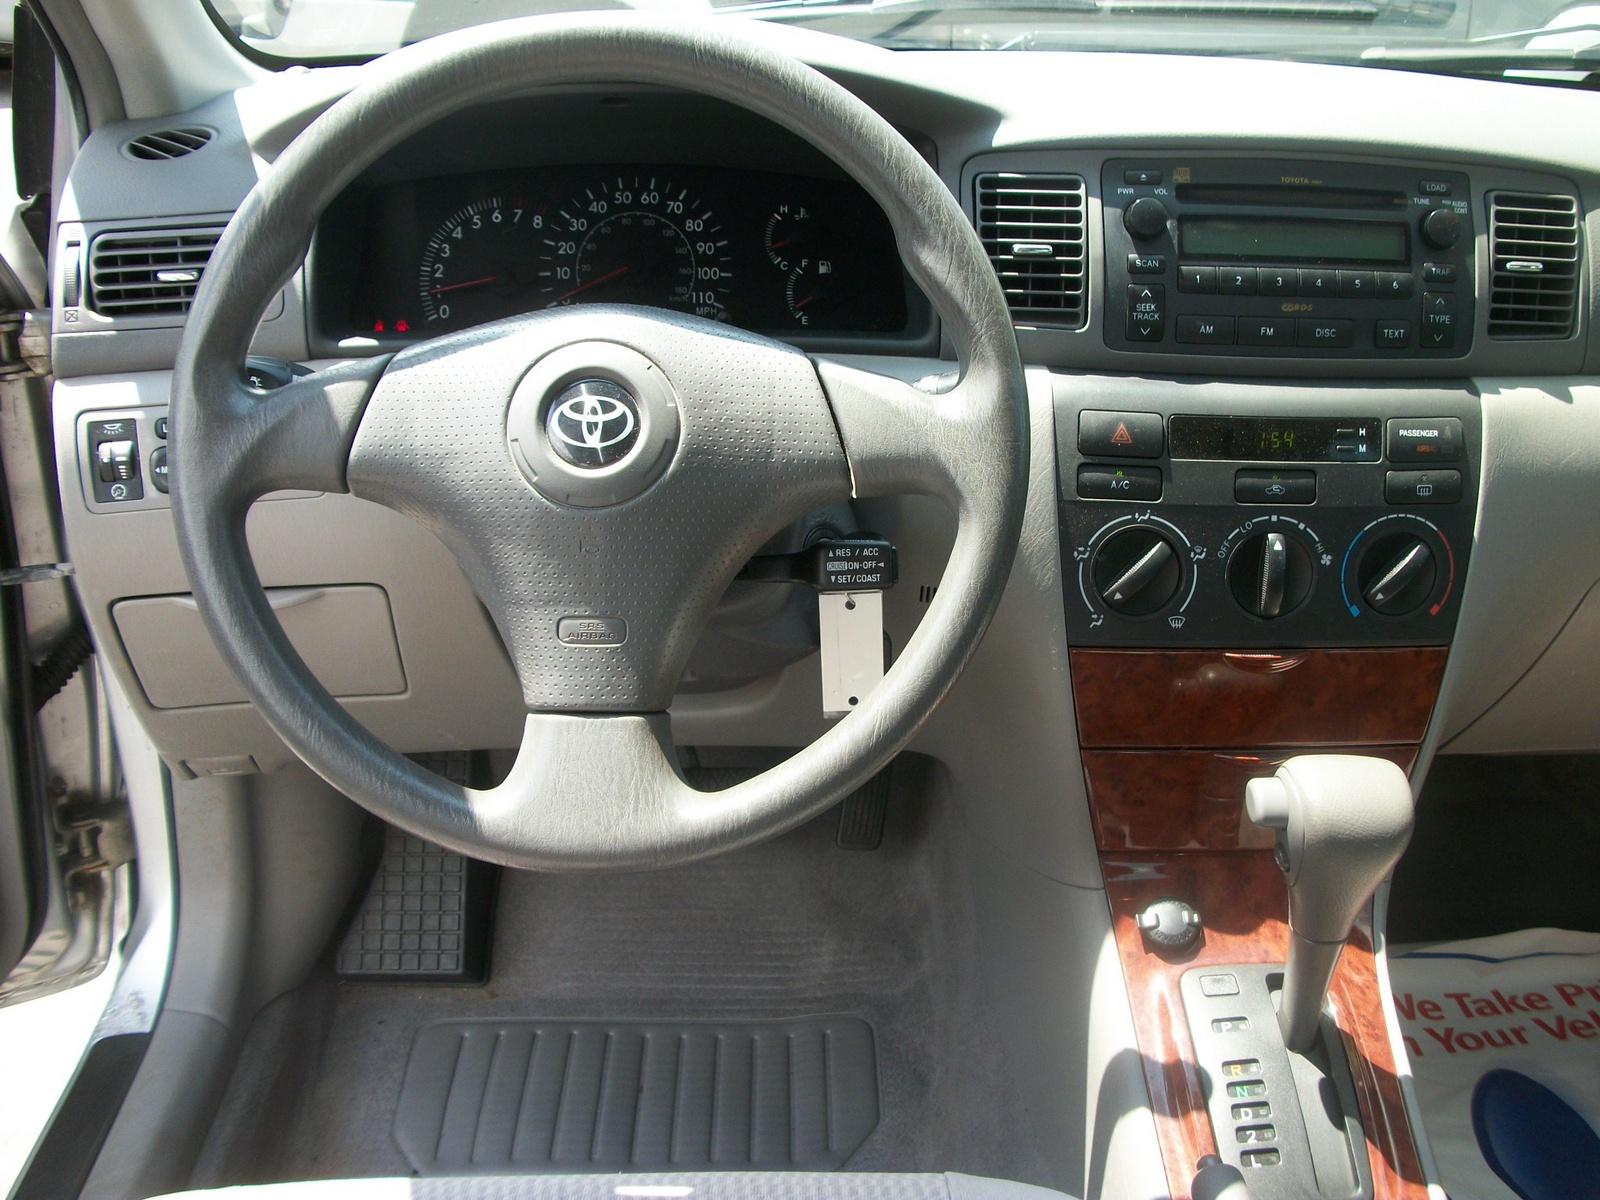 2005 toyota corolla interior parts